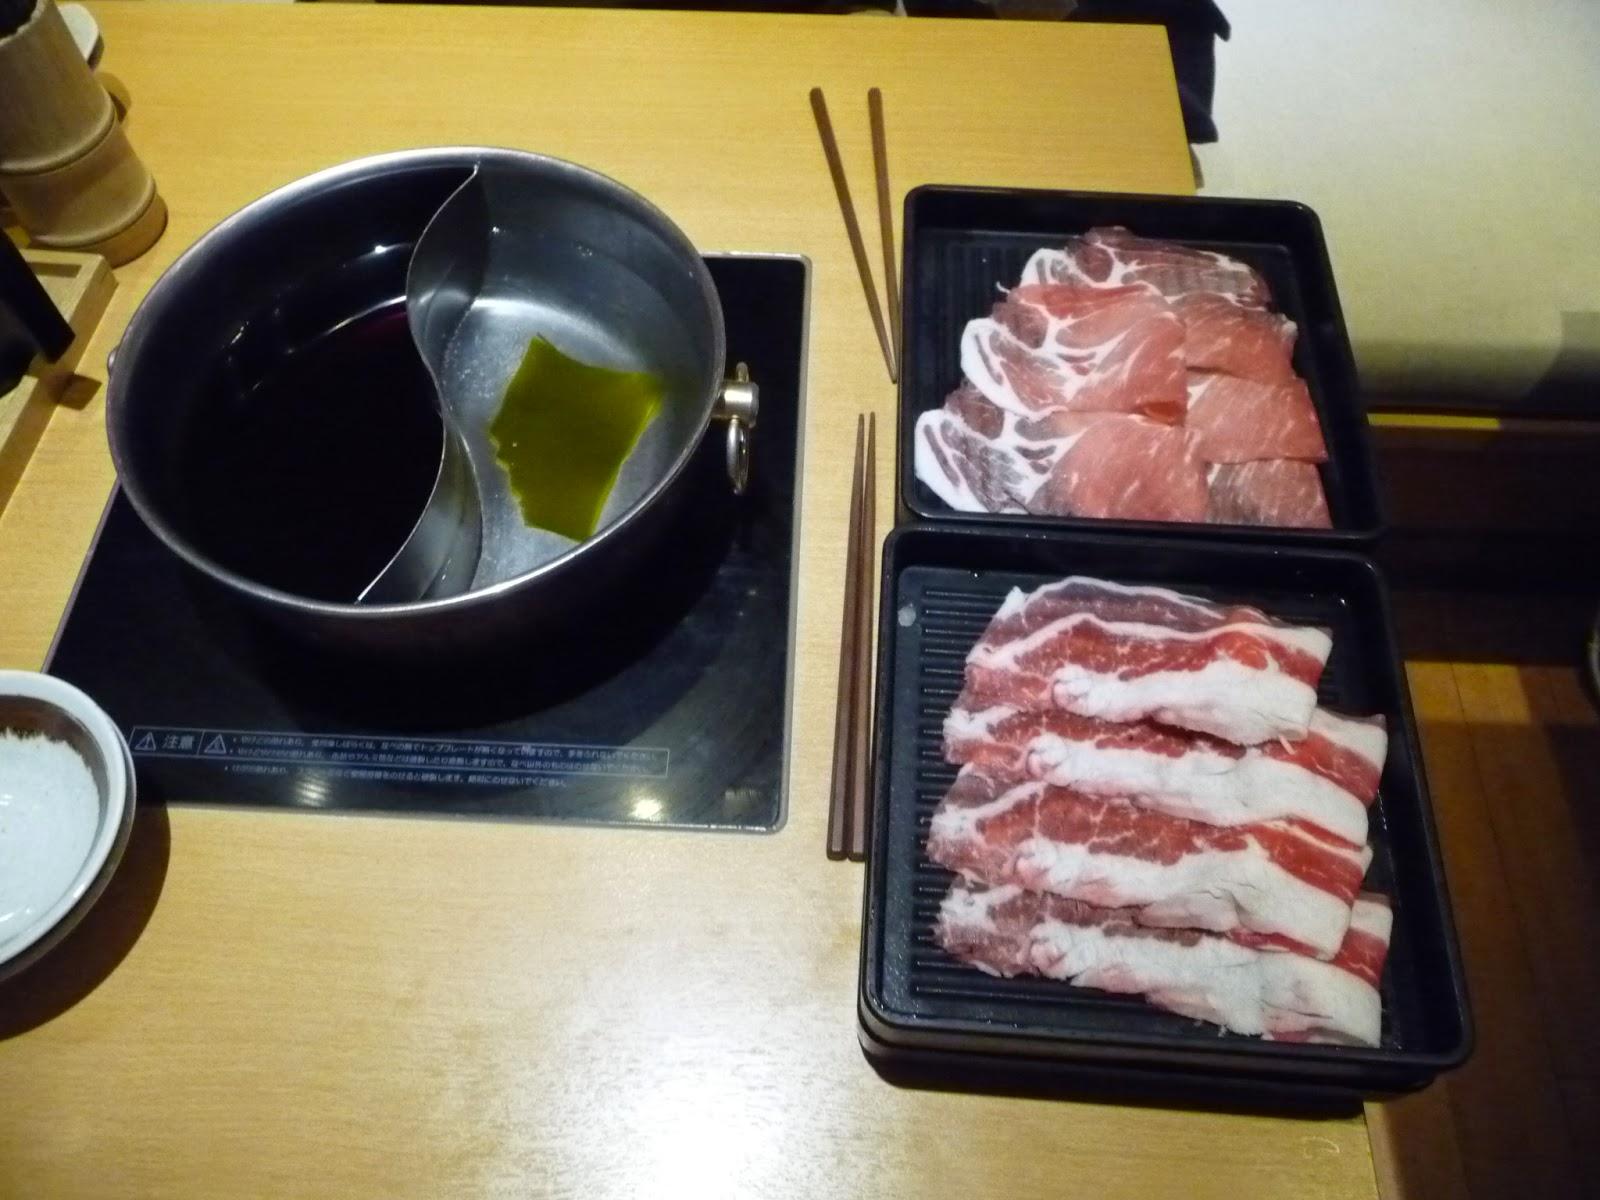 Murasaki no sekai cuisine japonaise 2 quelques plats for Apprendre cuisine japonaise